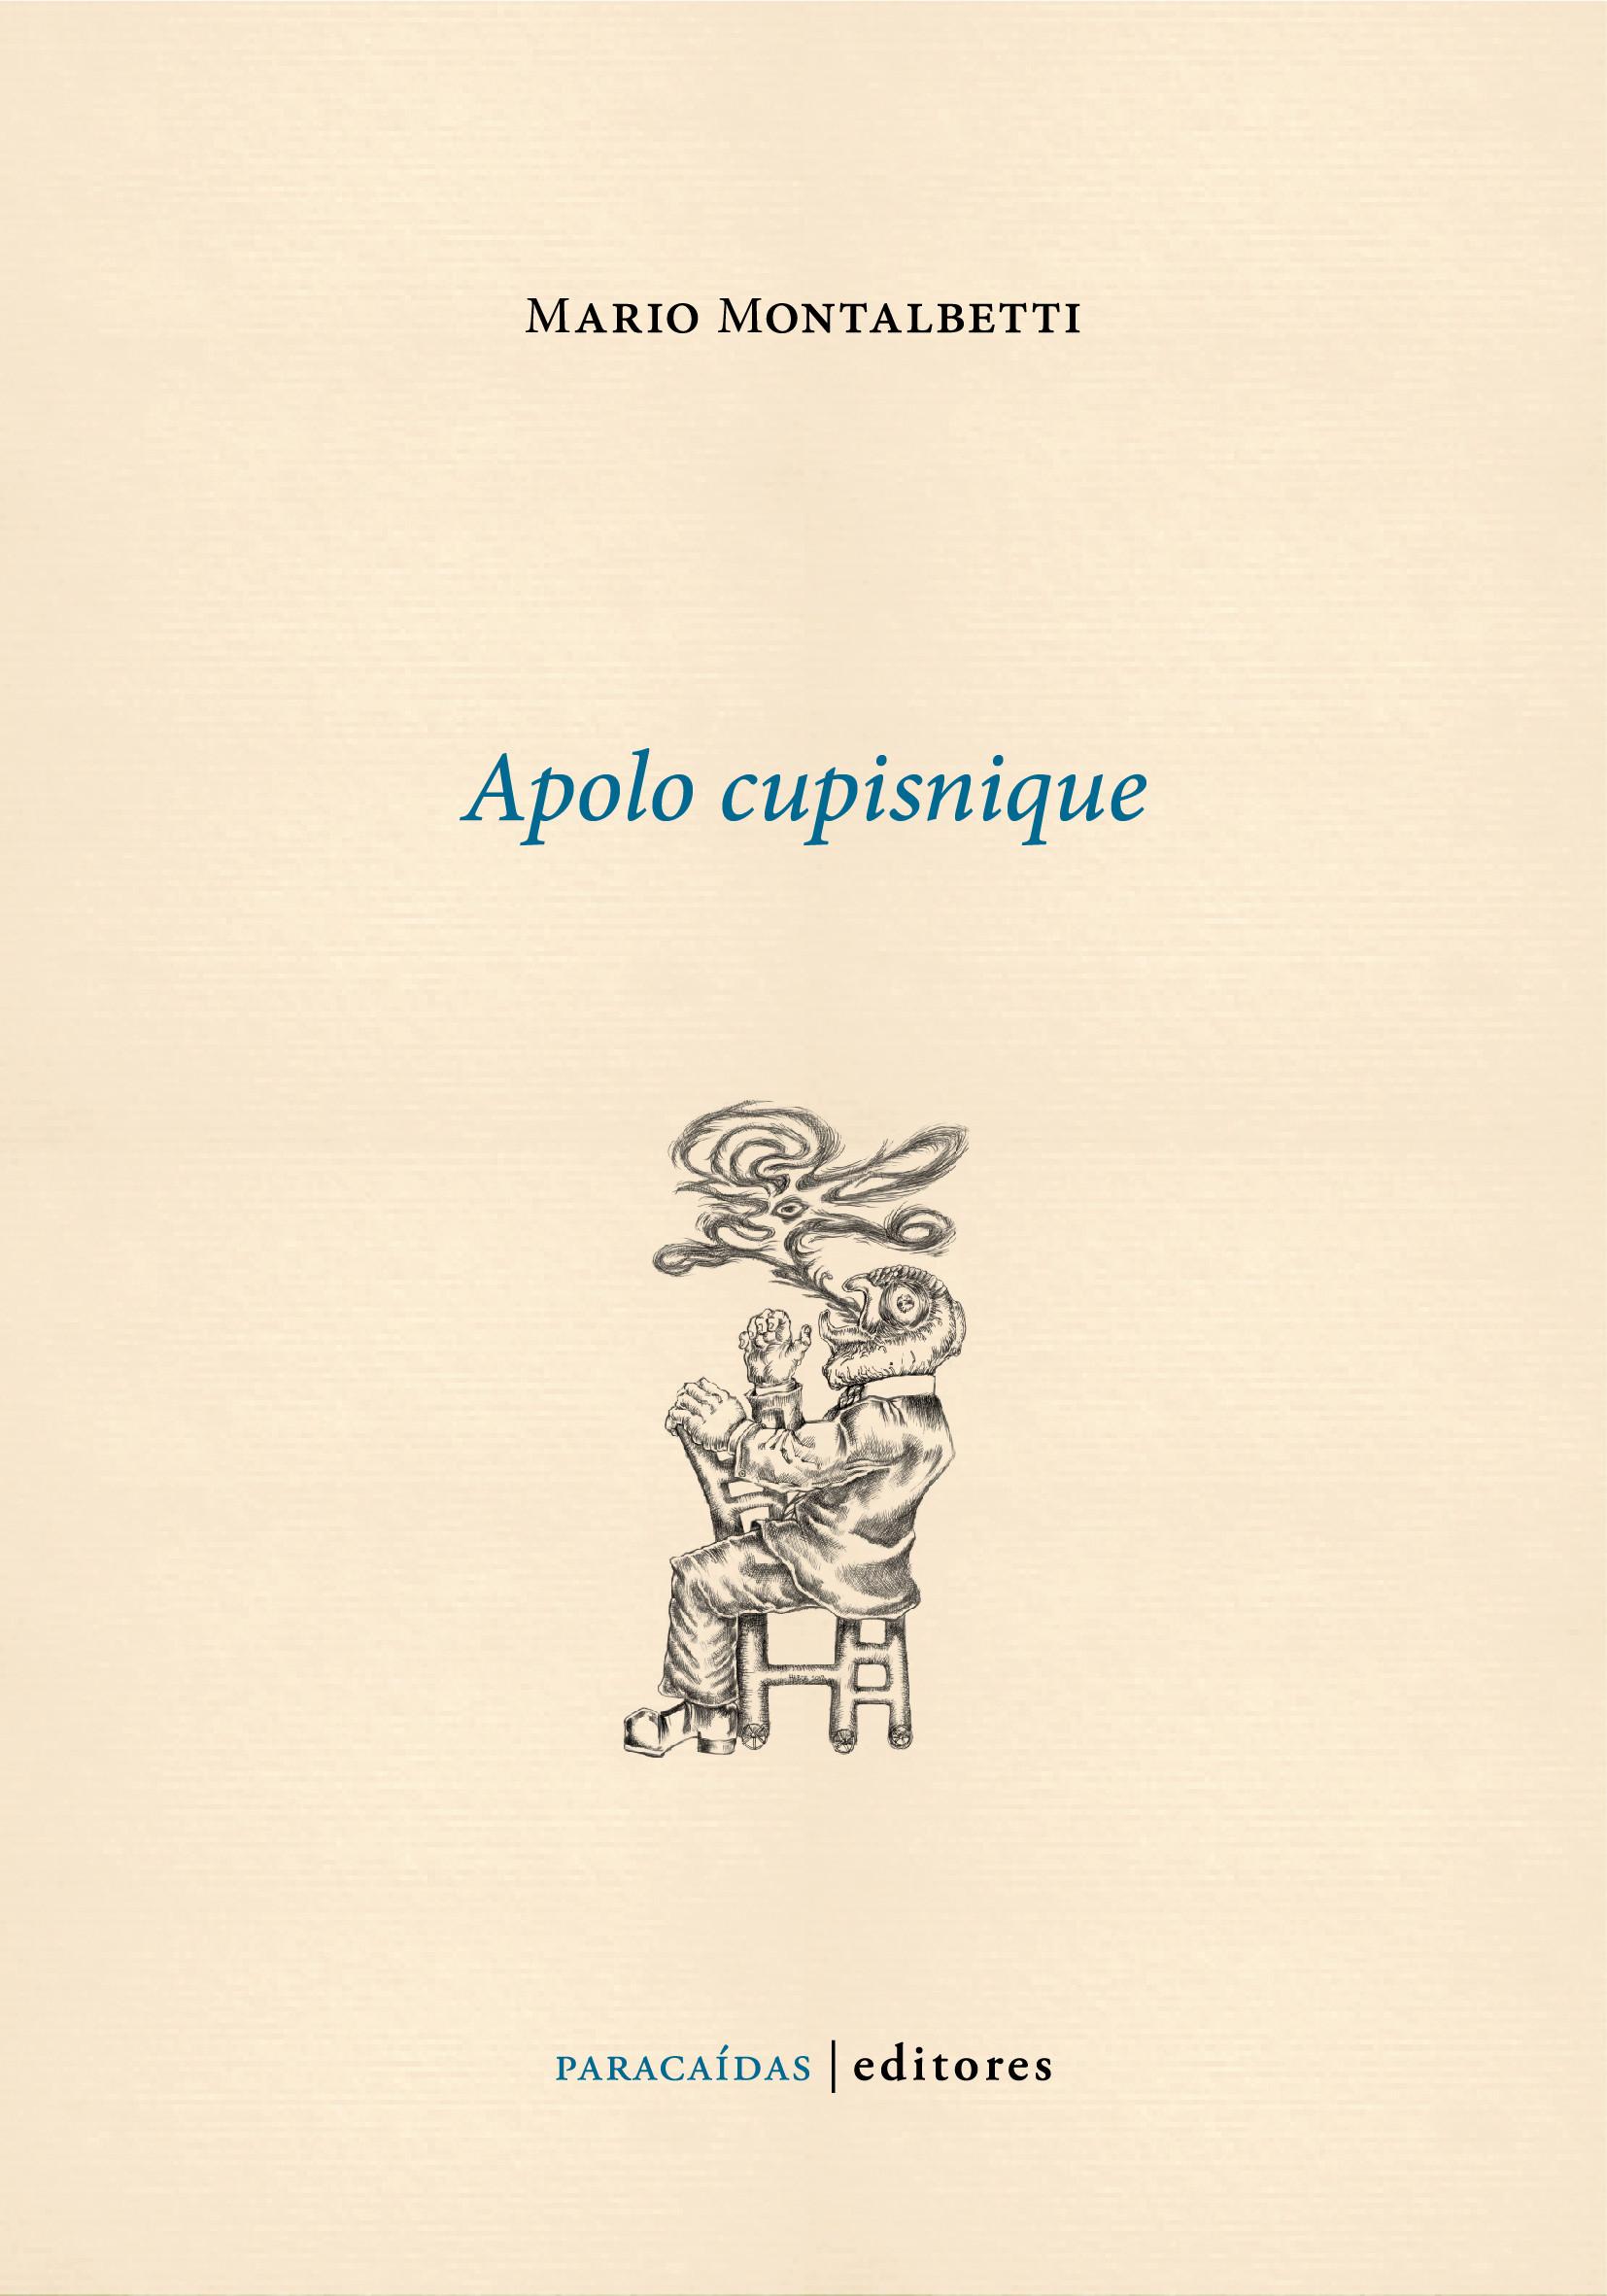 Apolo cupisnique